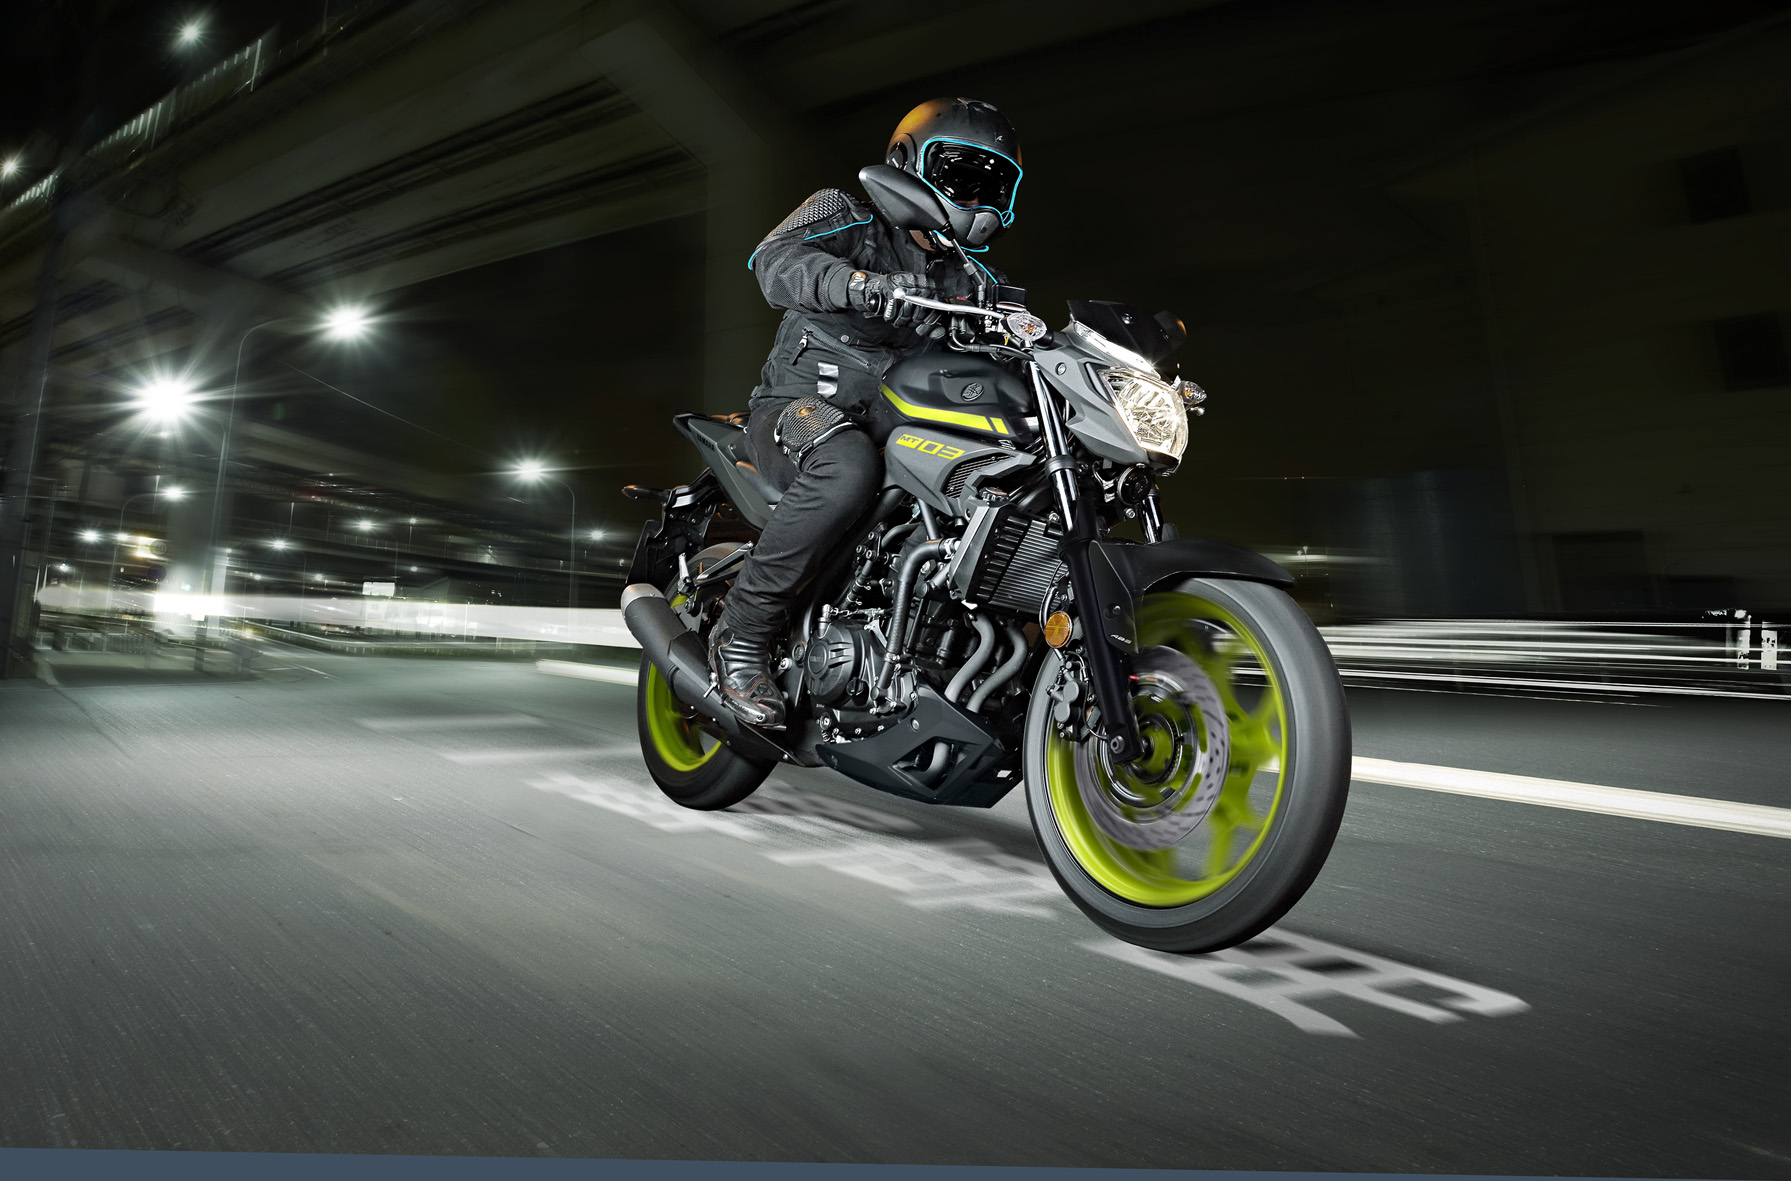 O tanque da Yamaha MT-03 tem capacidade para 14 litros, a moto pesa 169 kg já abastecida